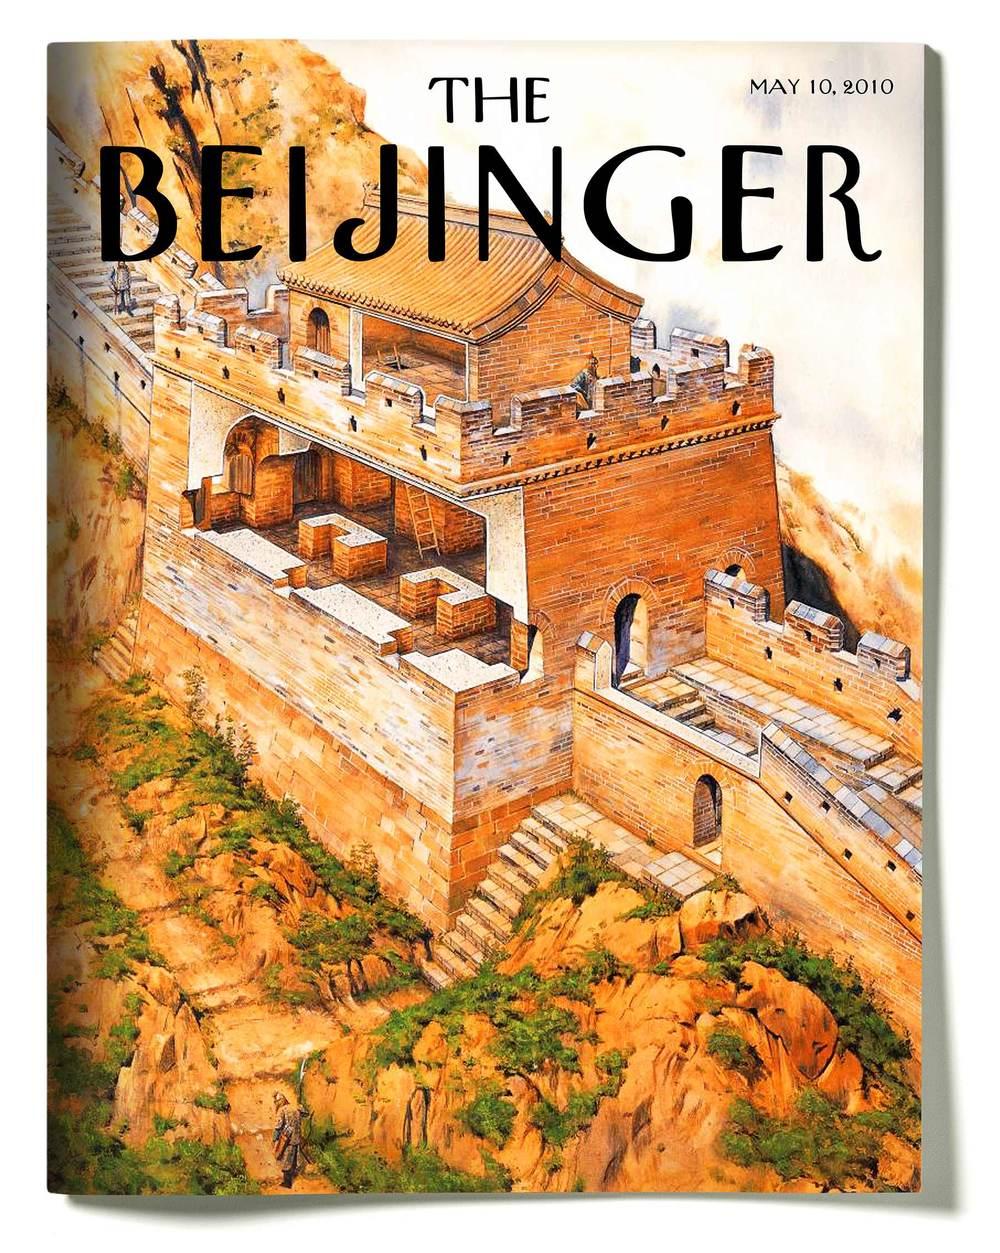 HSBC New Yorker Beijinger.jpg